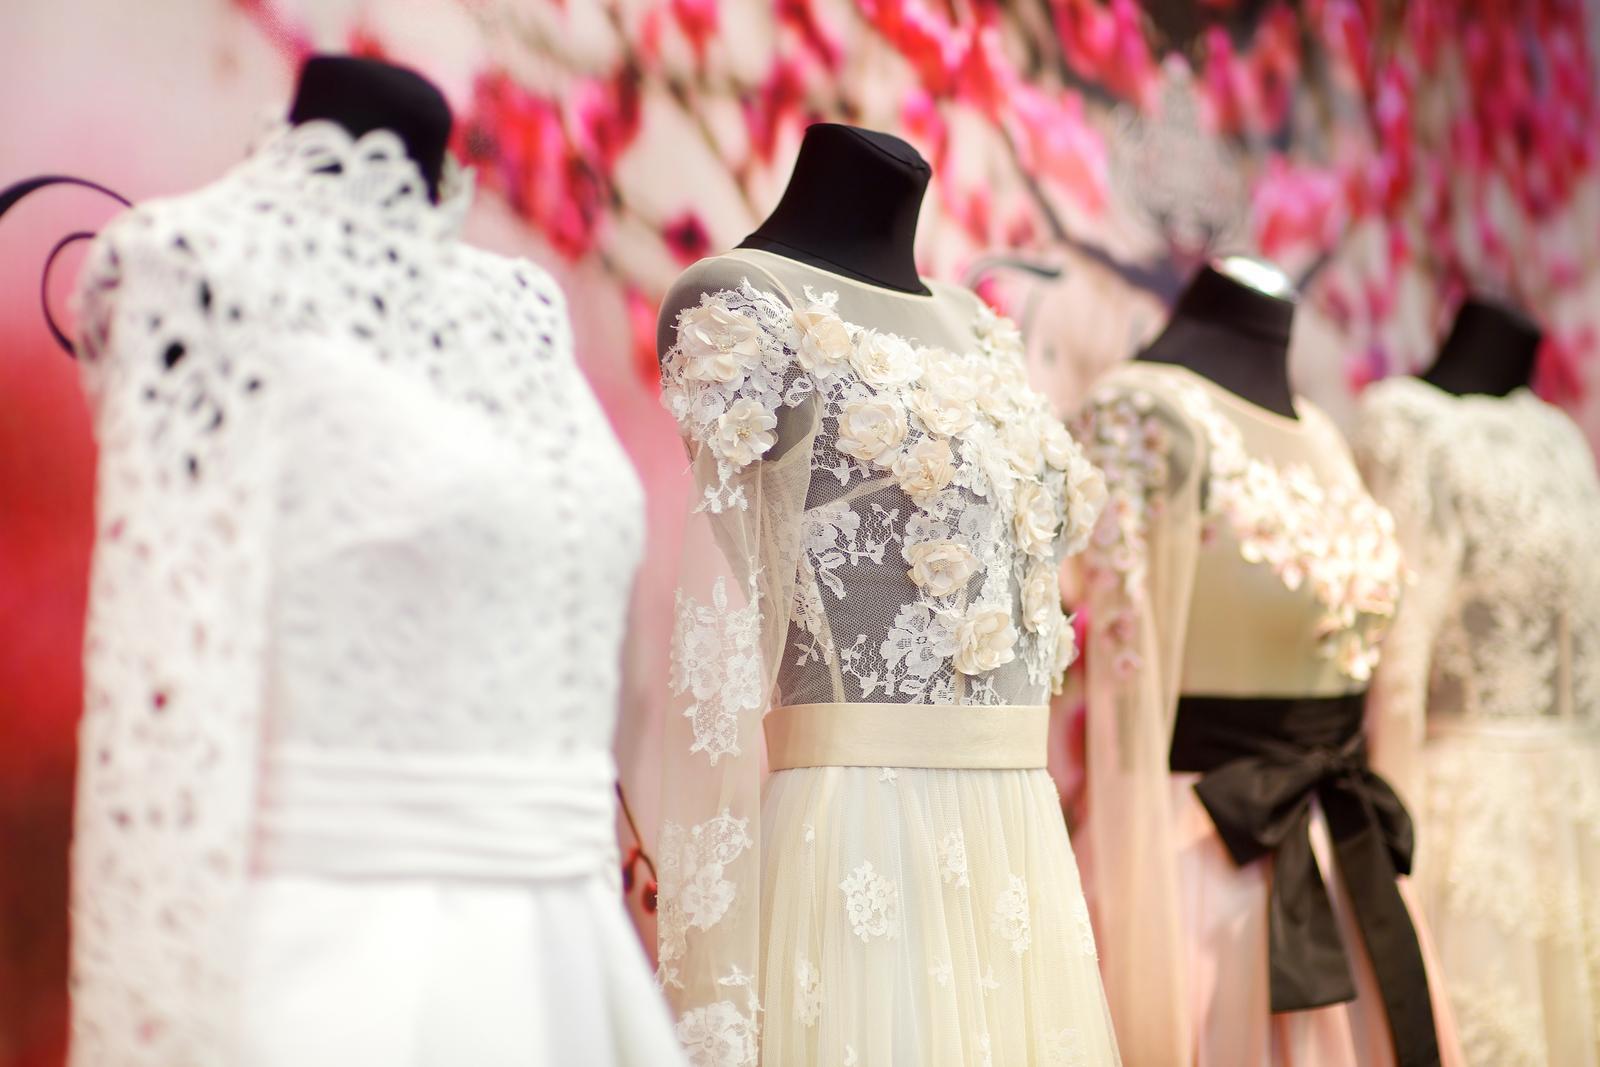 Na aké svadobné výstavy sa chystáte? Tu nájdete ich zoznam a všetky info! :) https://mojasvadba.zoznam.sk/svadobne-vystavy-2020/ - Obrázok č. 1